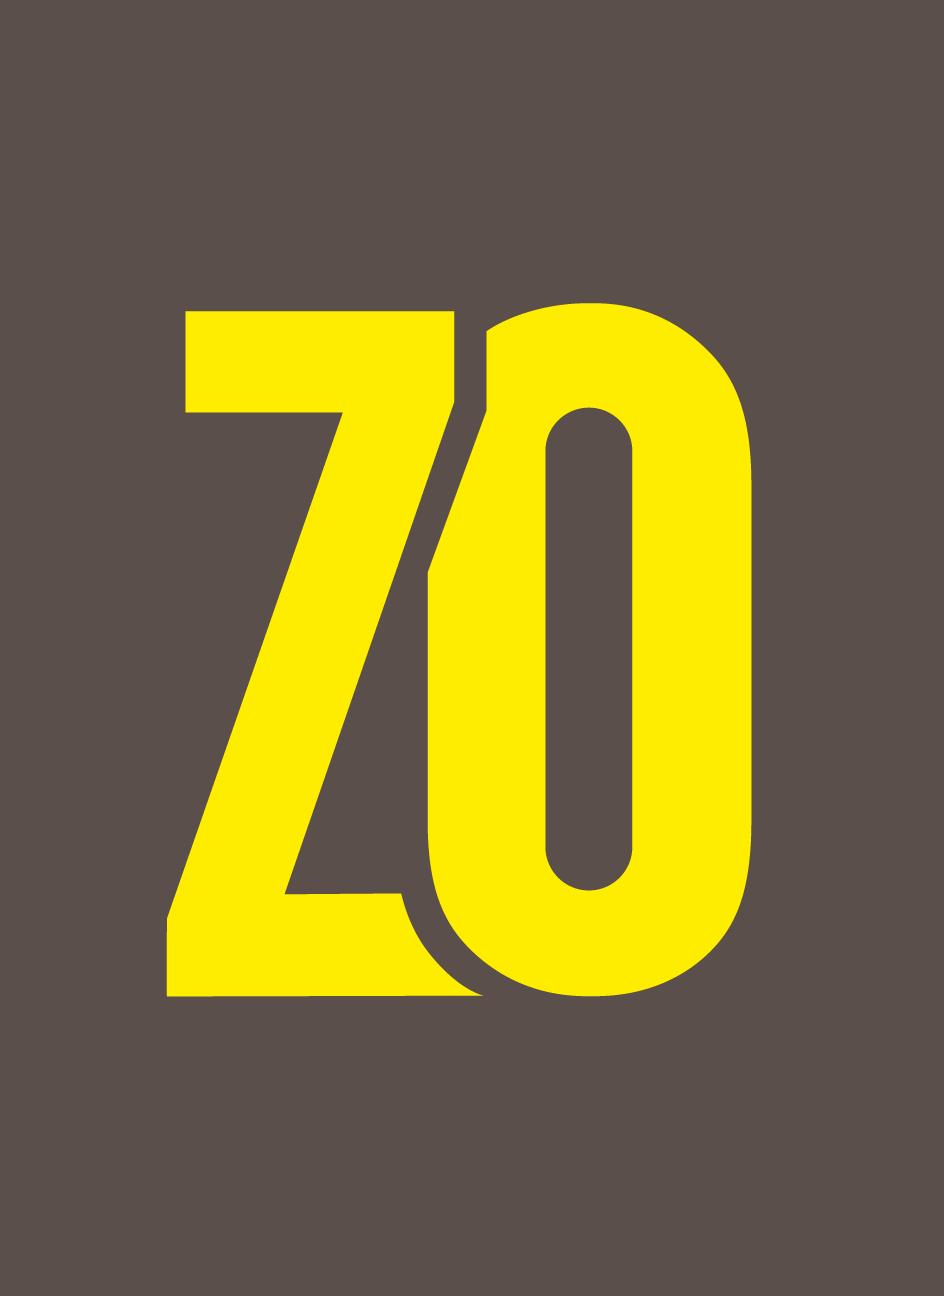 logos_tous-06